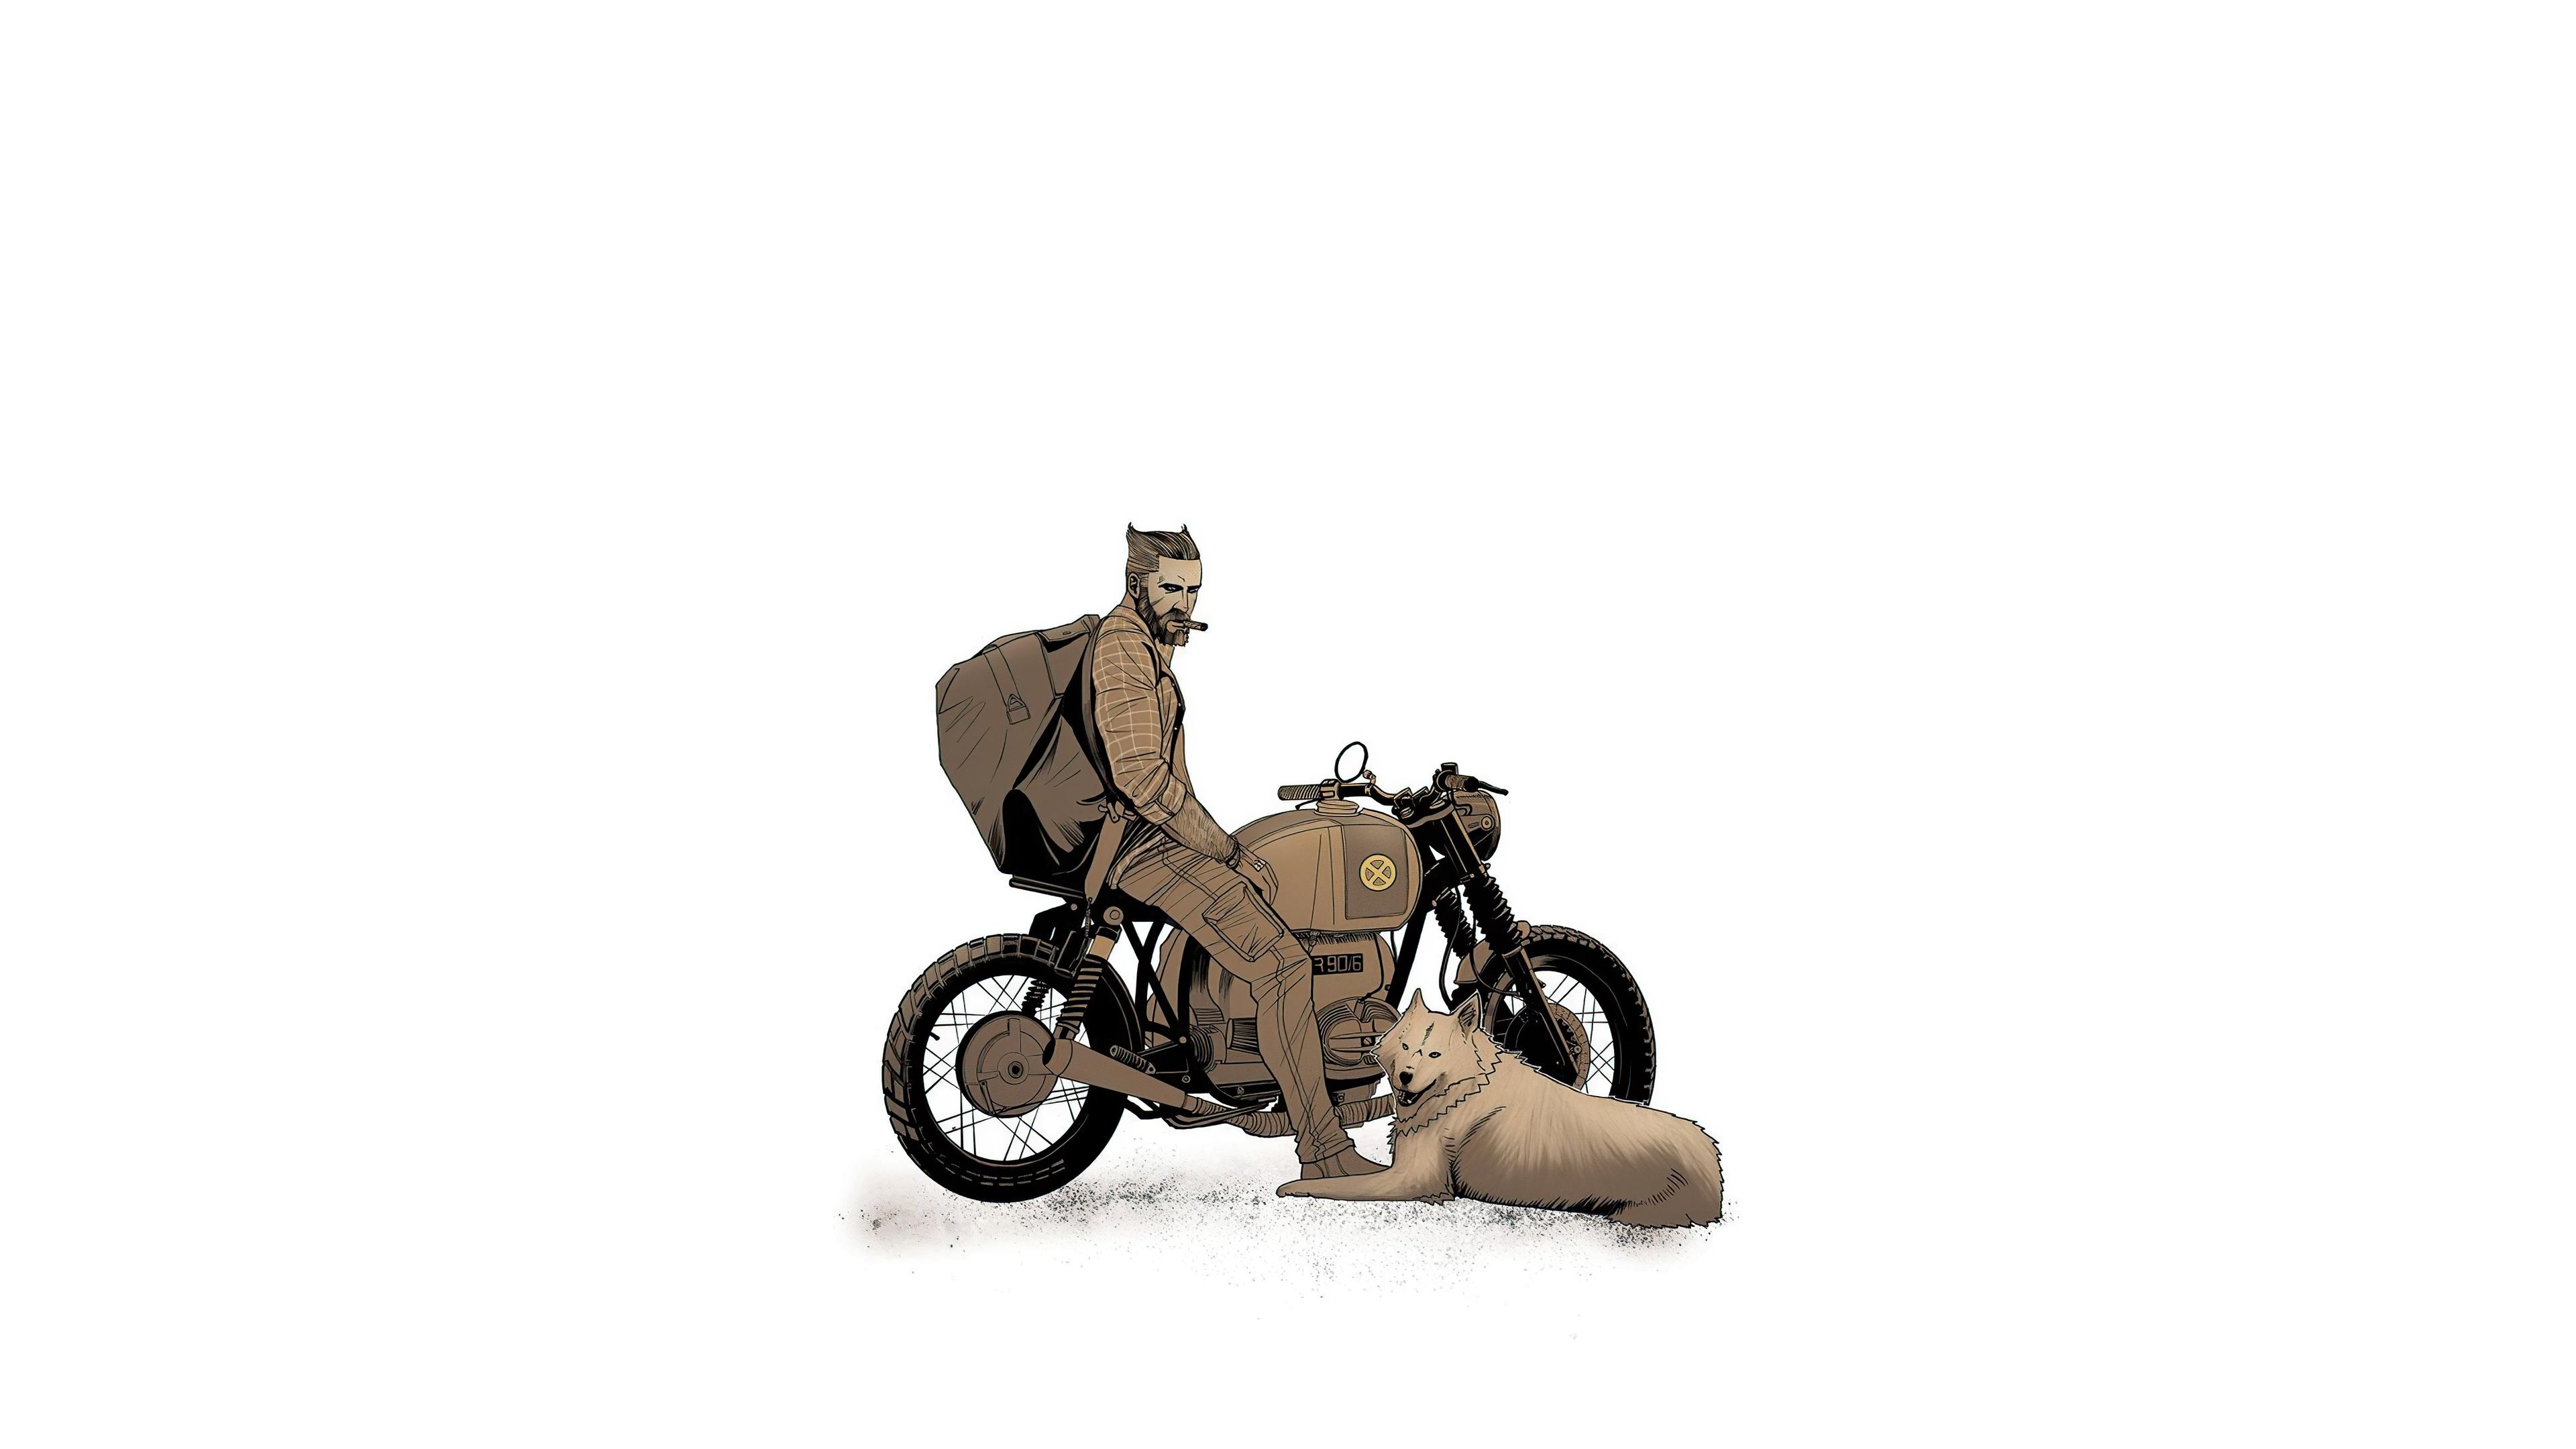 biker with dog 4k 1618131120 - Biker With Dog 4k - Biker With Dog 4k wallpapers